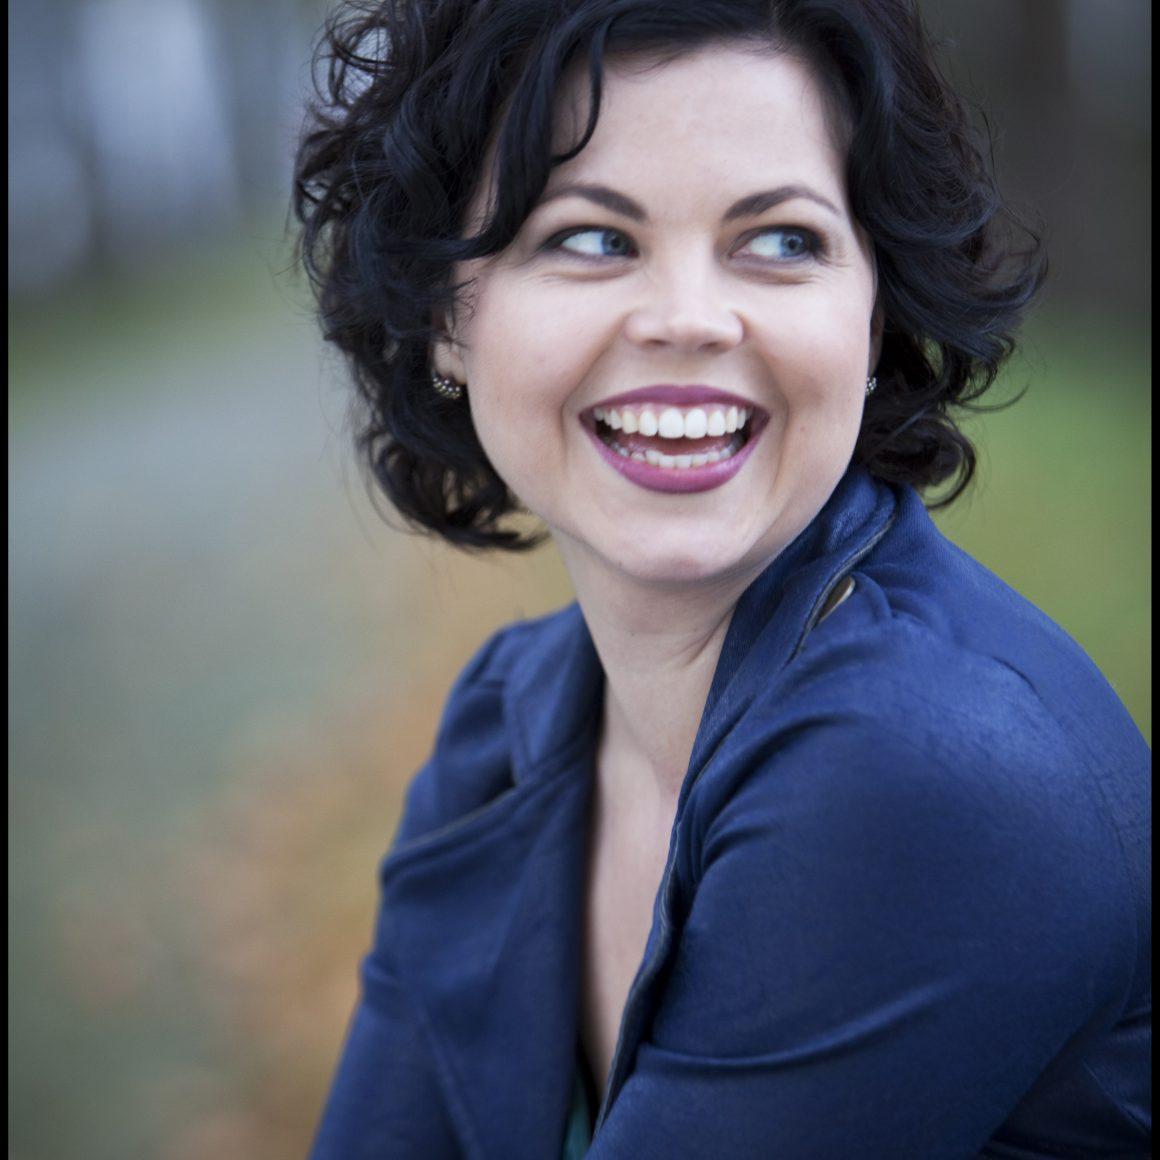 Katja Maria Slotte klein